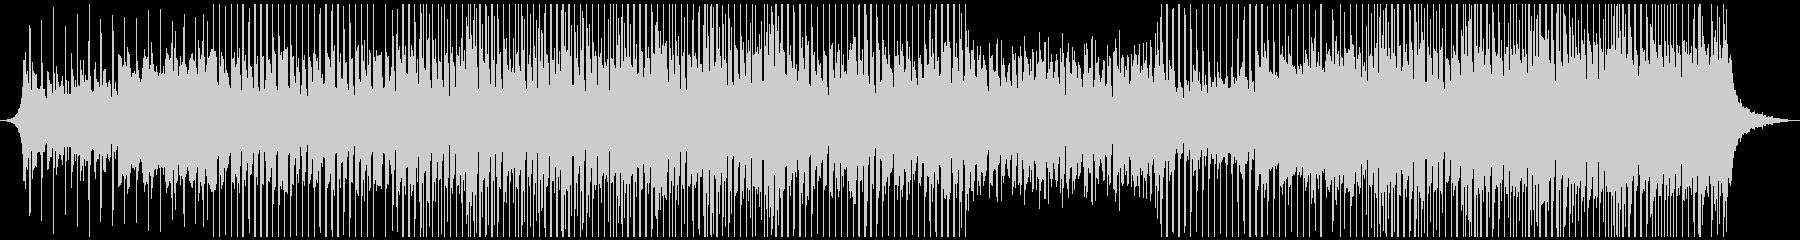 ハッピーミュージックの未再生の波形